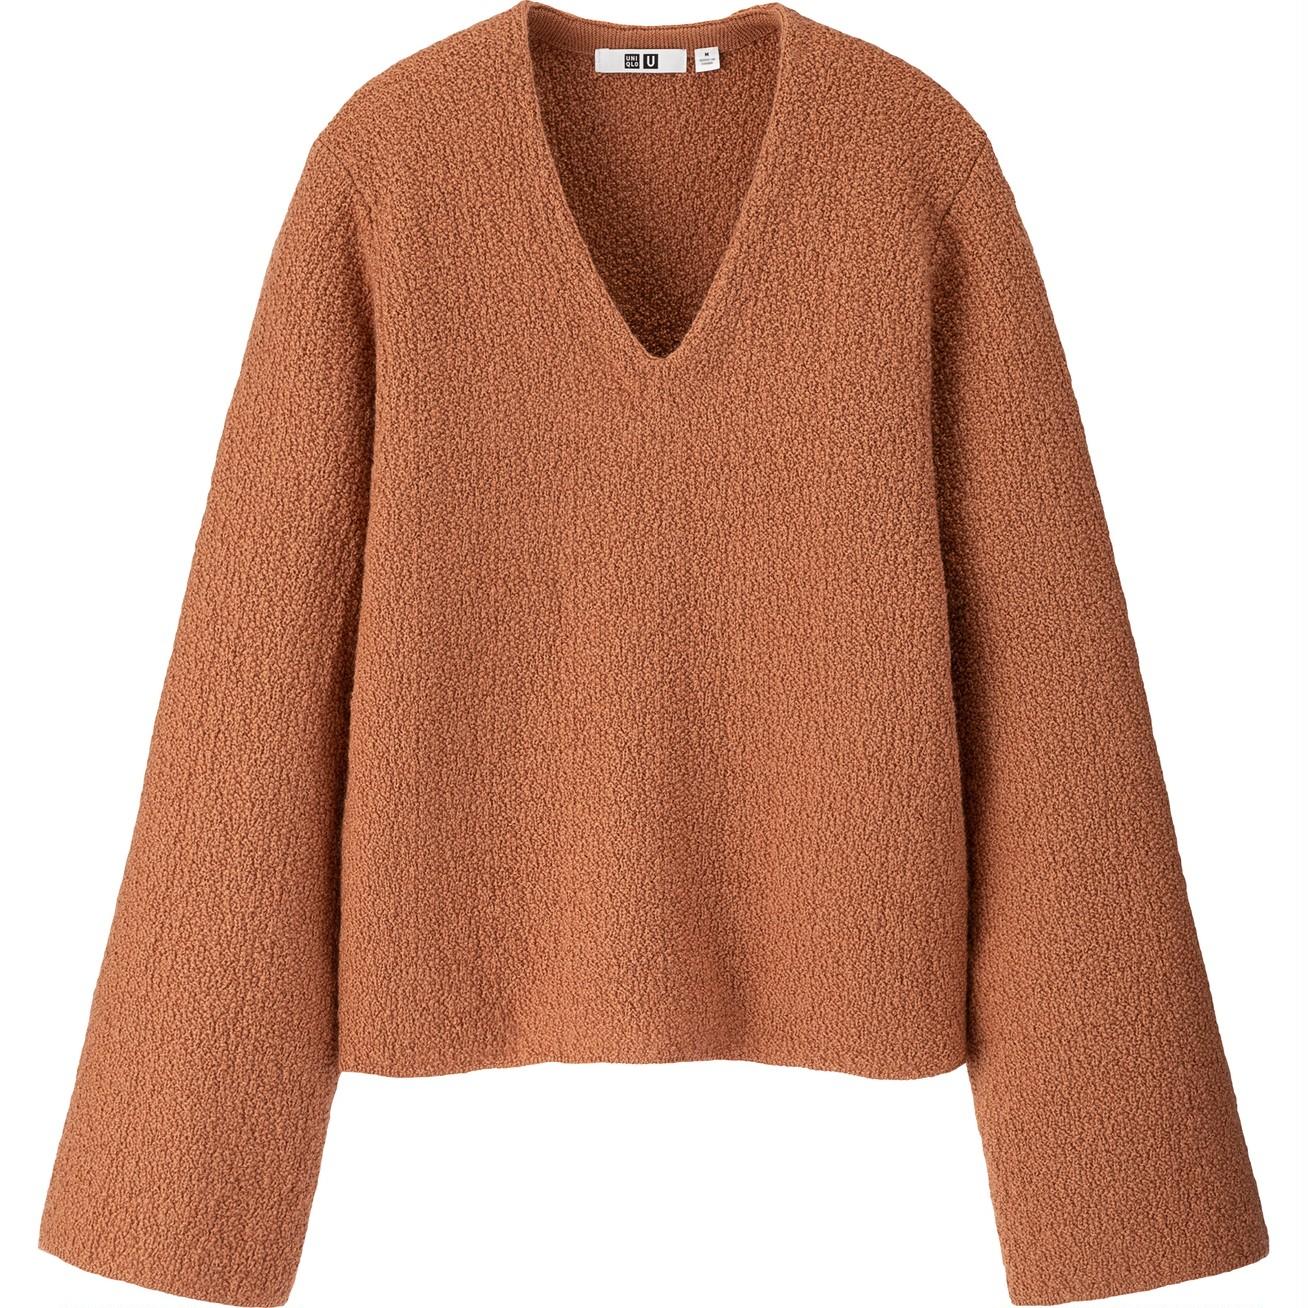 シャギーワイドスリーブセーター(長袖)¥3990/ユニクロ(ユニクロ ユー)